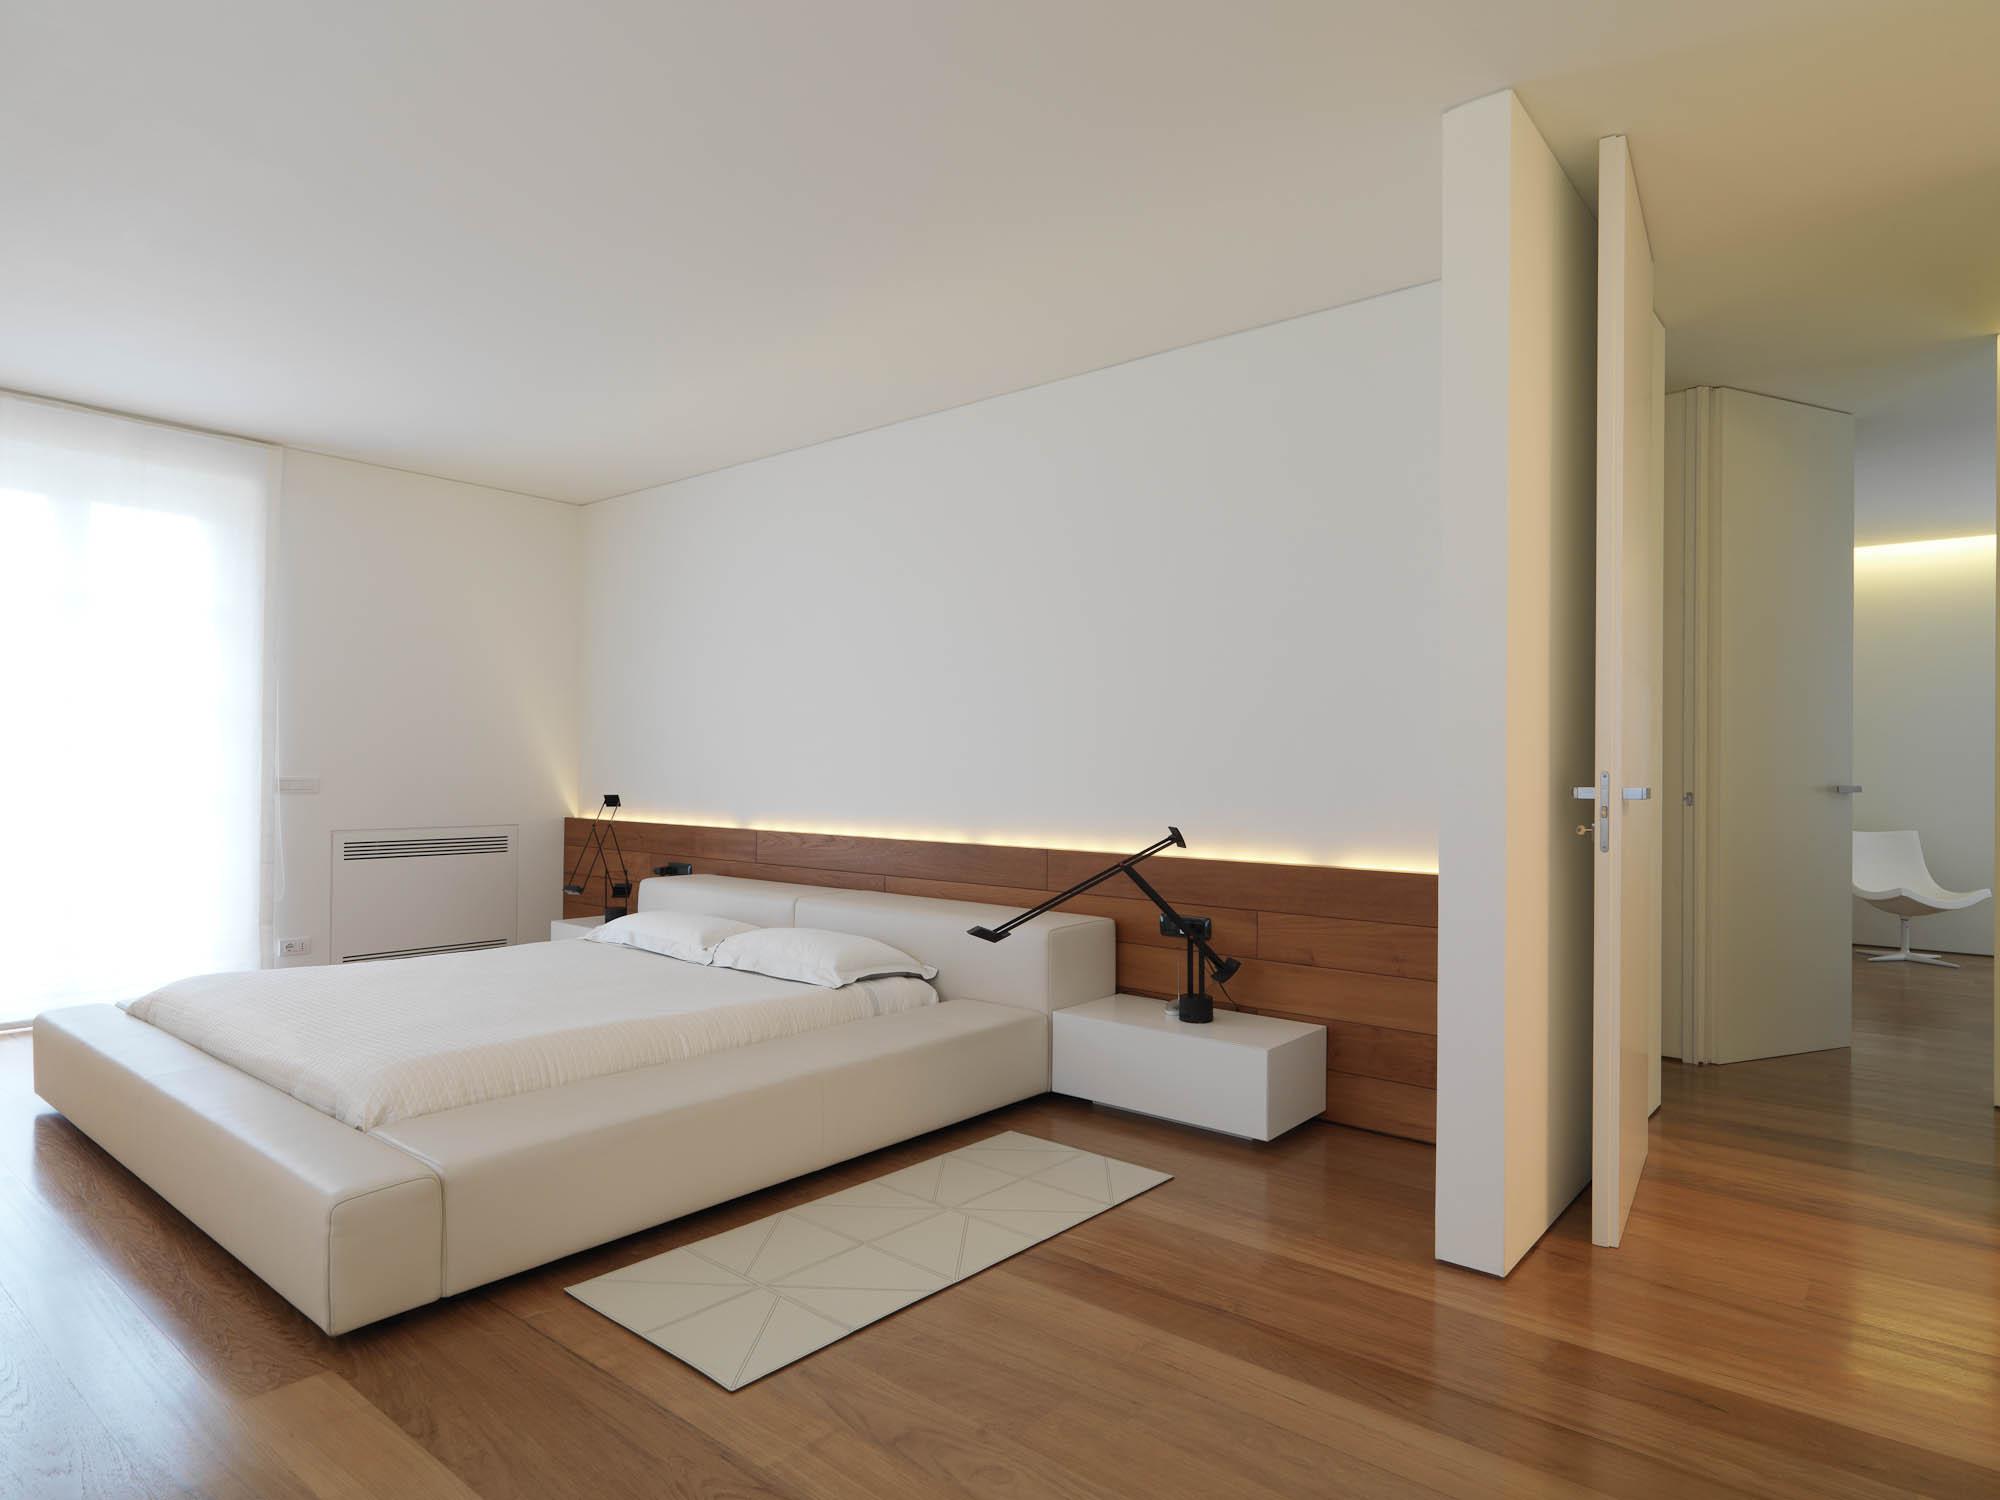 Una camera da letto all'altezza dei tuoi sogni. Illuminazione Camera Da Letto Guida 25 Idee Per Illuminare Al Meglio Camere Da Letto Moderne Start Preventivi